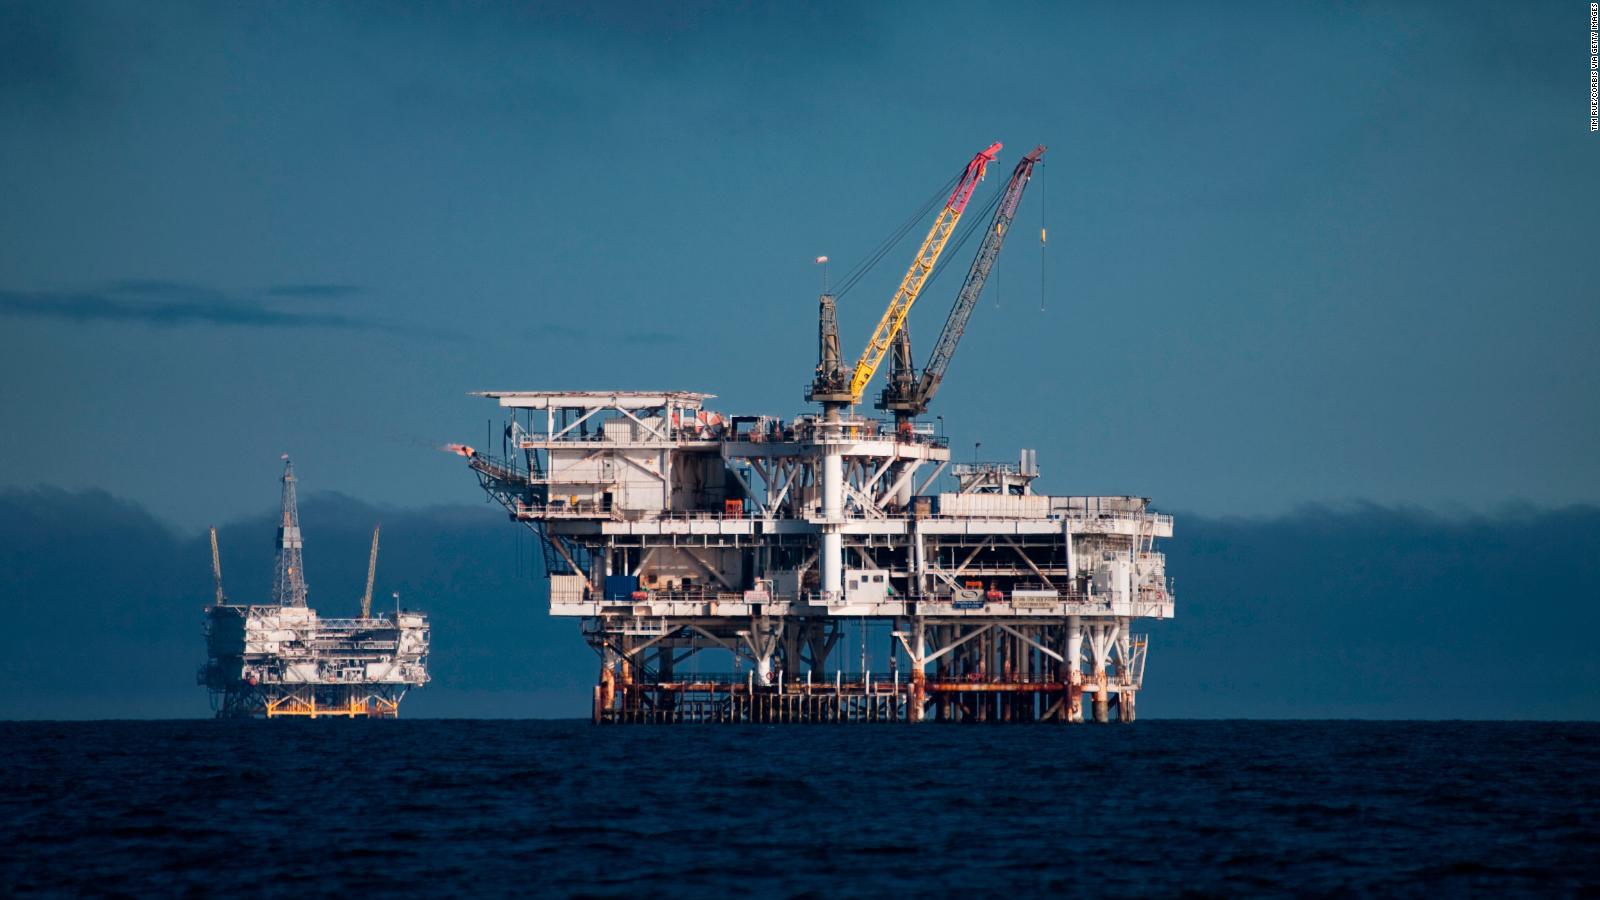 Bản tin thị trường năng lượng ngày 22/7: Giá dầu thô bật tăng mạnh, thoát khỏi vùng giá duy trì trong hai tháng qua - Ảnh 1.